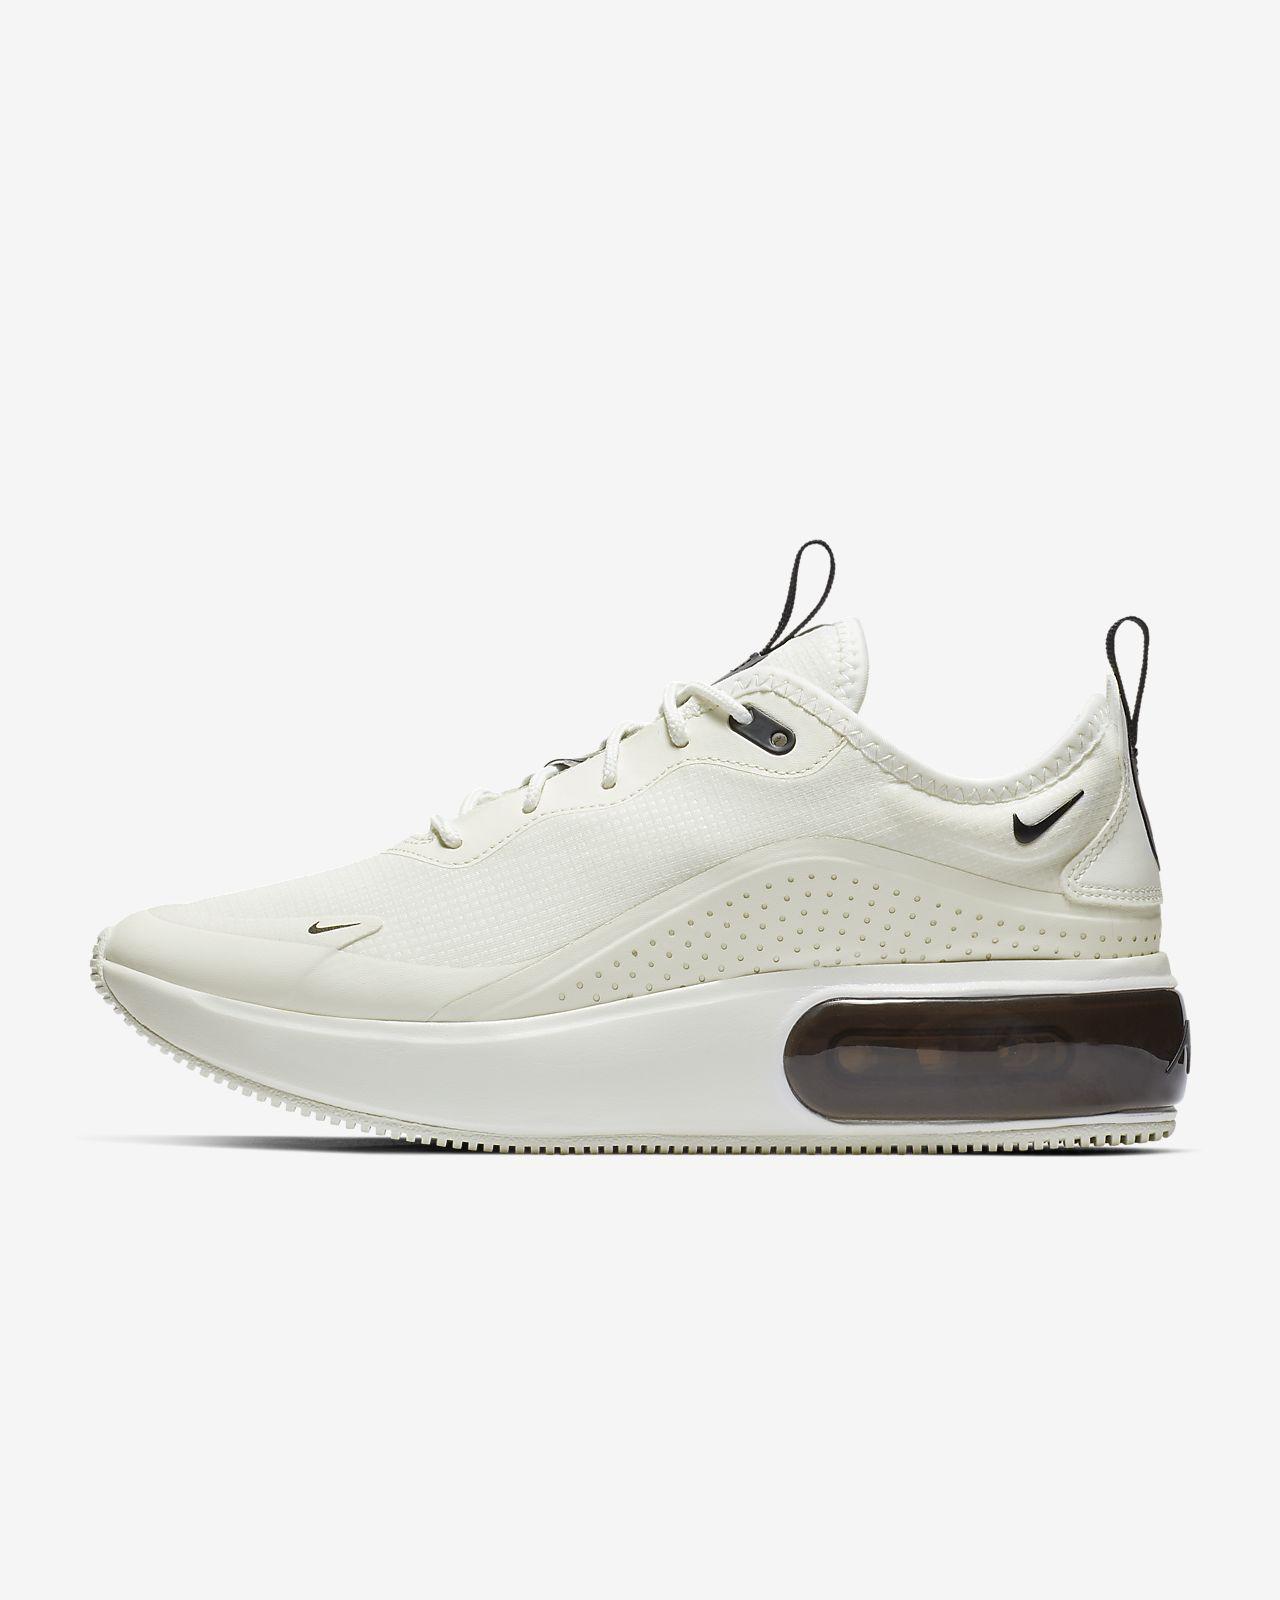 Nike Air Max Dia blanche et noire